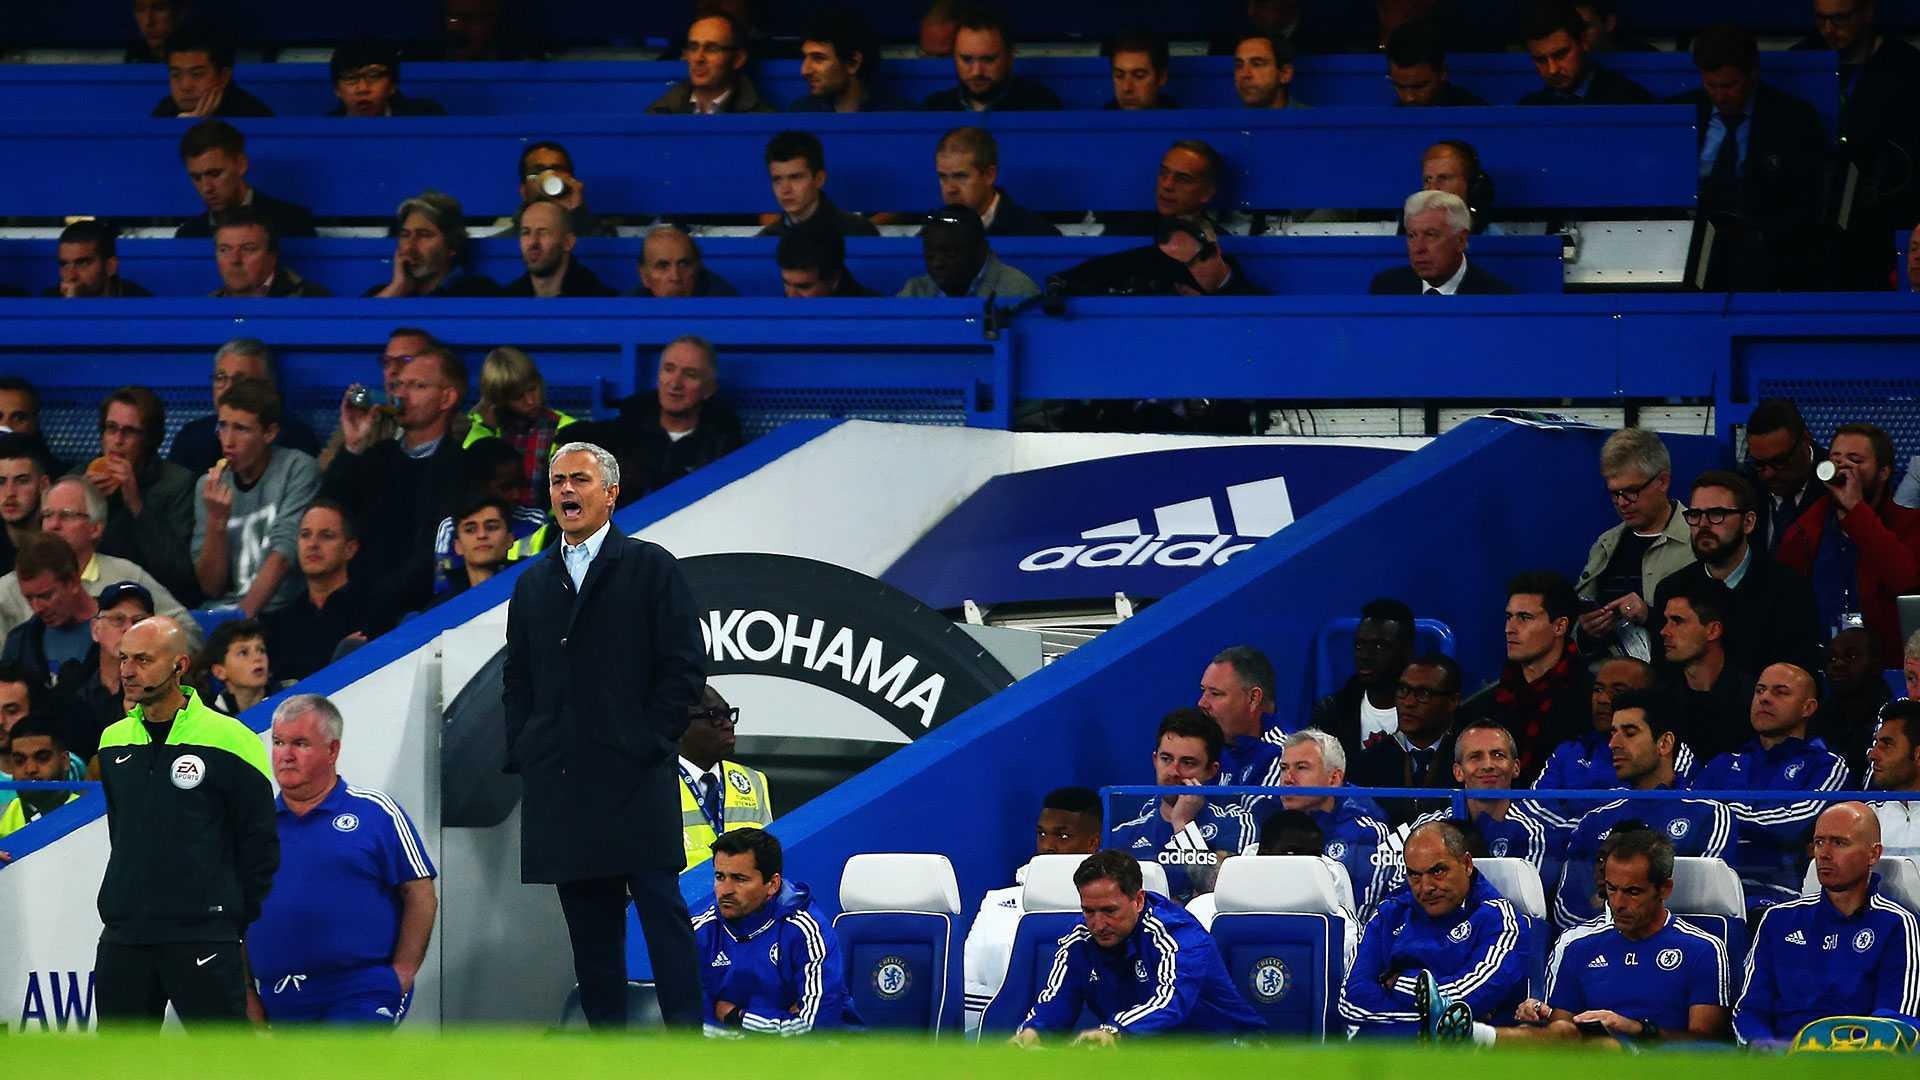 Ở Chelsea, Mourinho đang không rạch ròi giữa tôn chỉ tập thể với vị thế thuyền trưởng